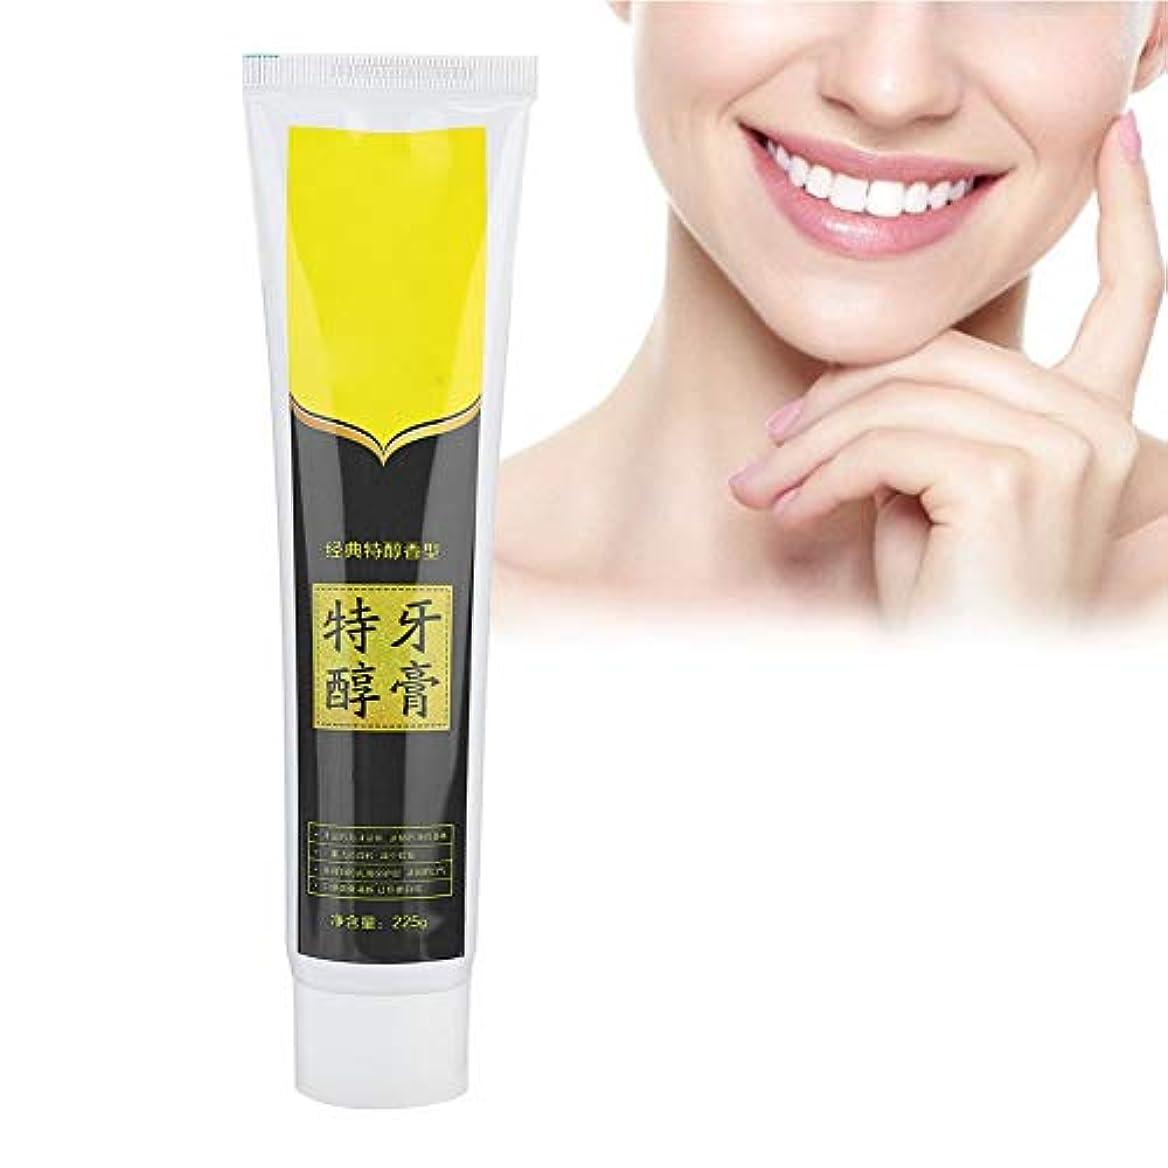 引き渡す適切なさらに歯磨き粉、ミントの歯磨き粉口腔衛生歯のクリーニングホワイトニングアンチ口臭口腔ケア